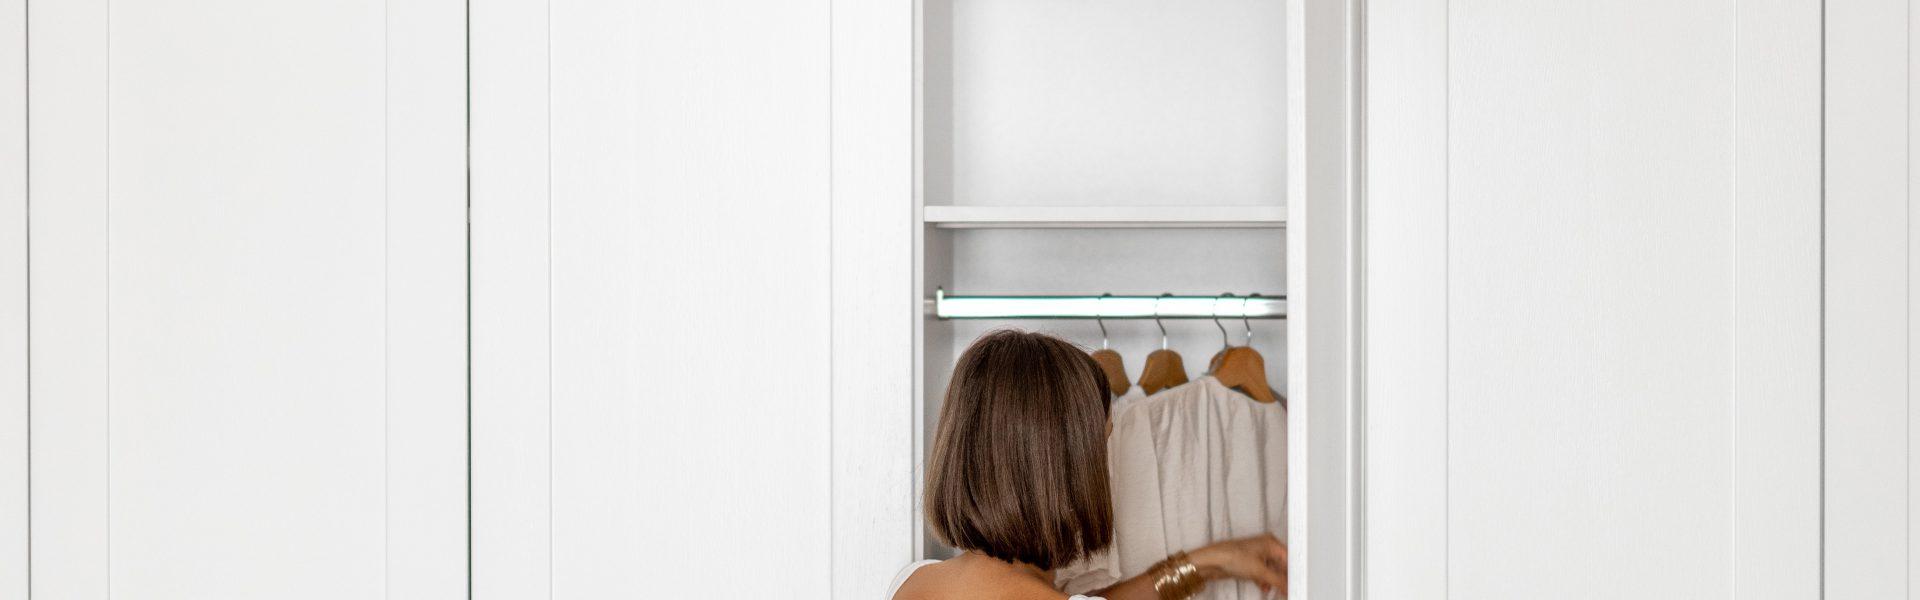 Jak wybrać i zmieścić szafę w małym mieszkaniu